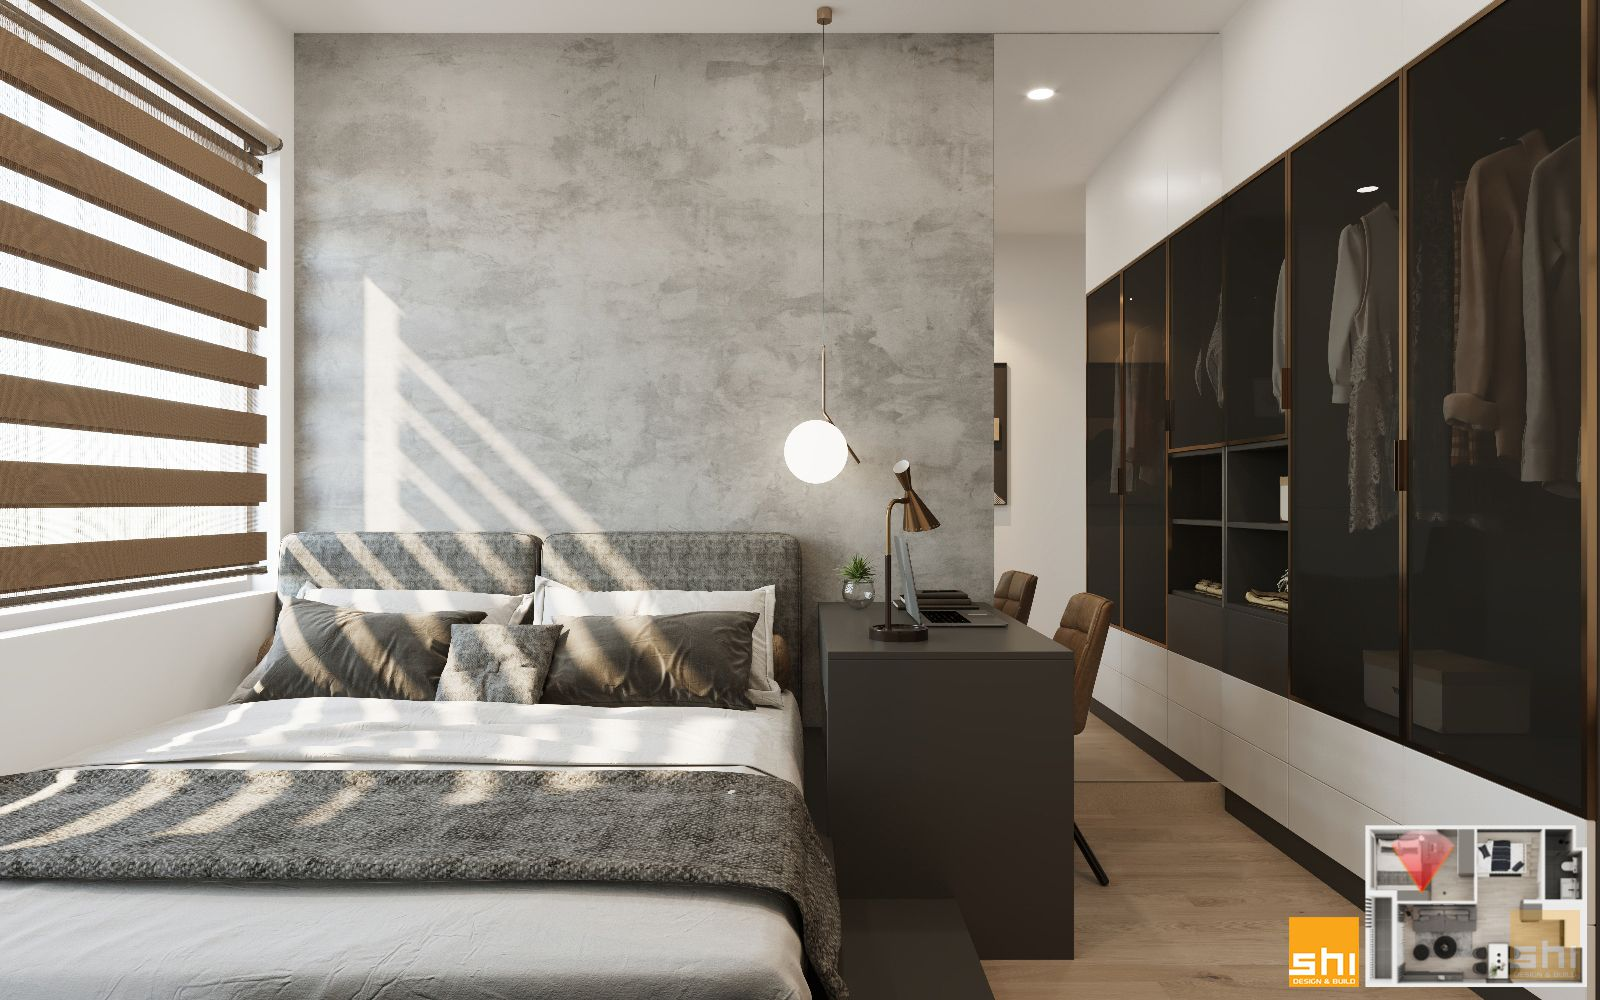 thiết kế nội thất căn hộ 1 phòng ngủ - 05